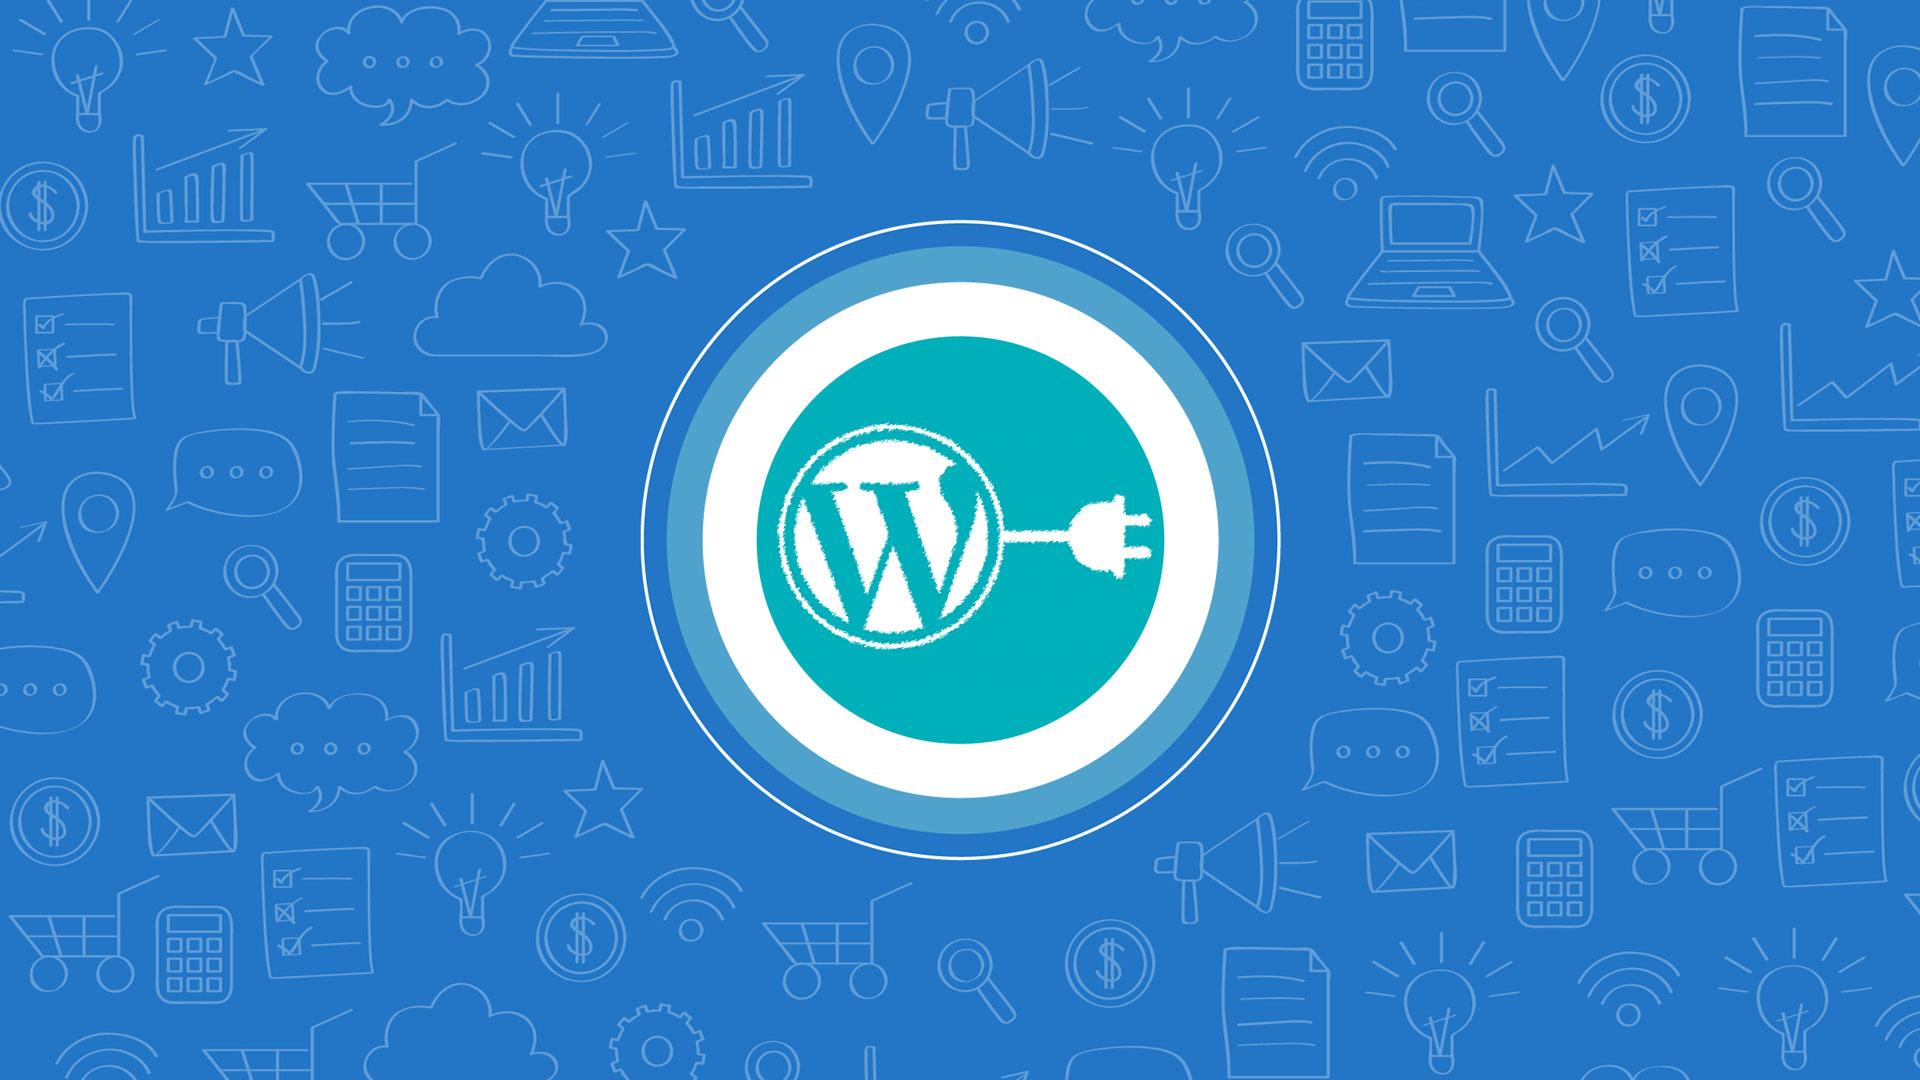 Bästa WordPress Tilläggen & Plugins 2019